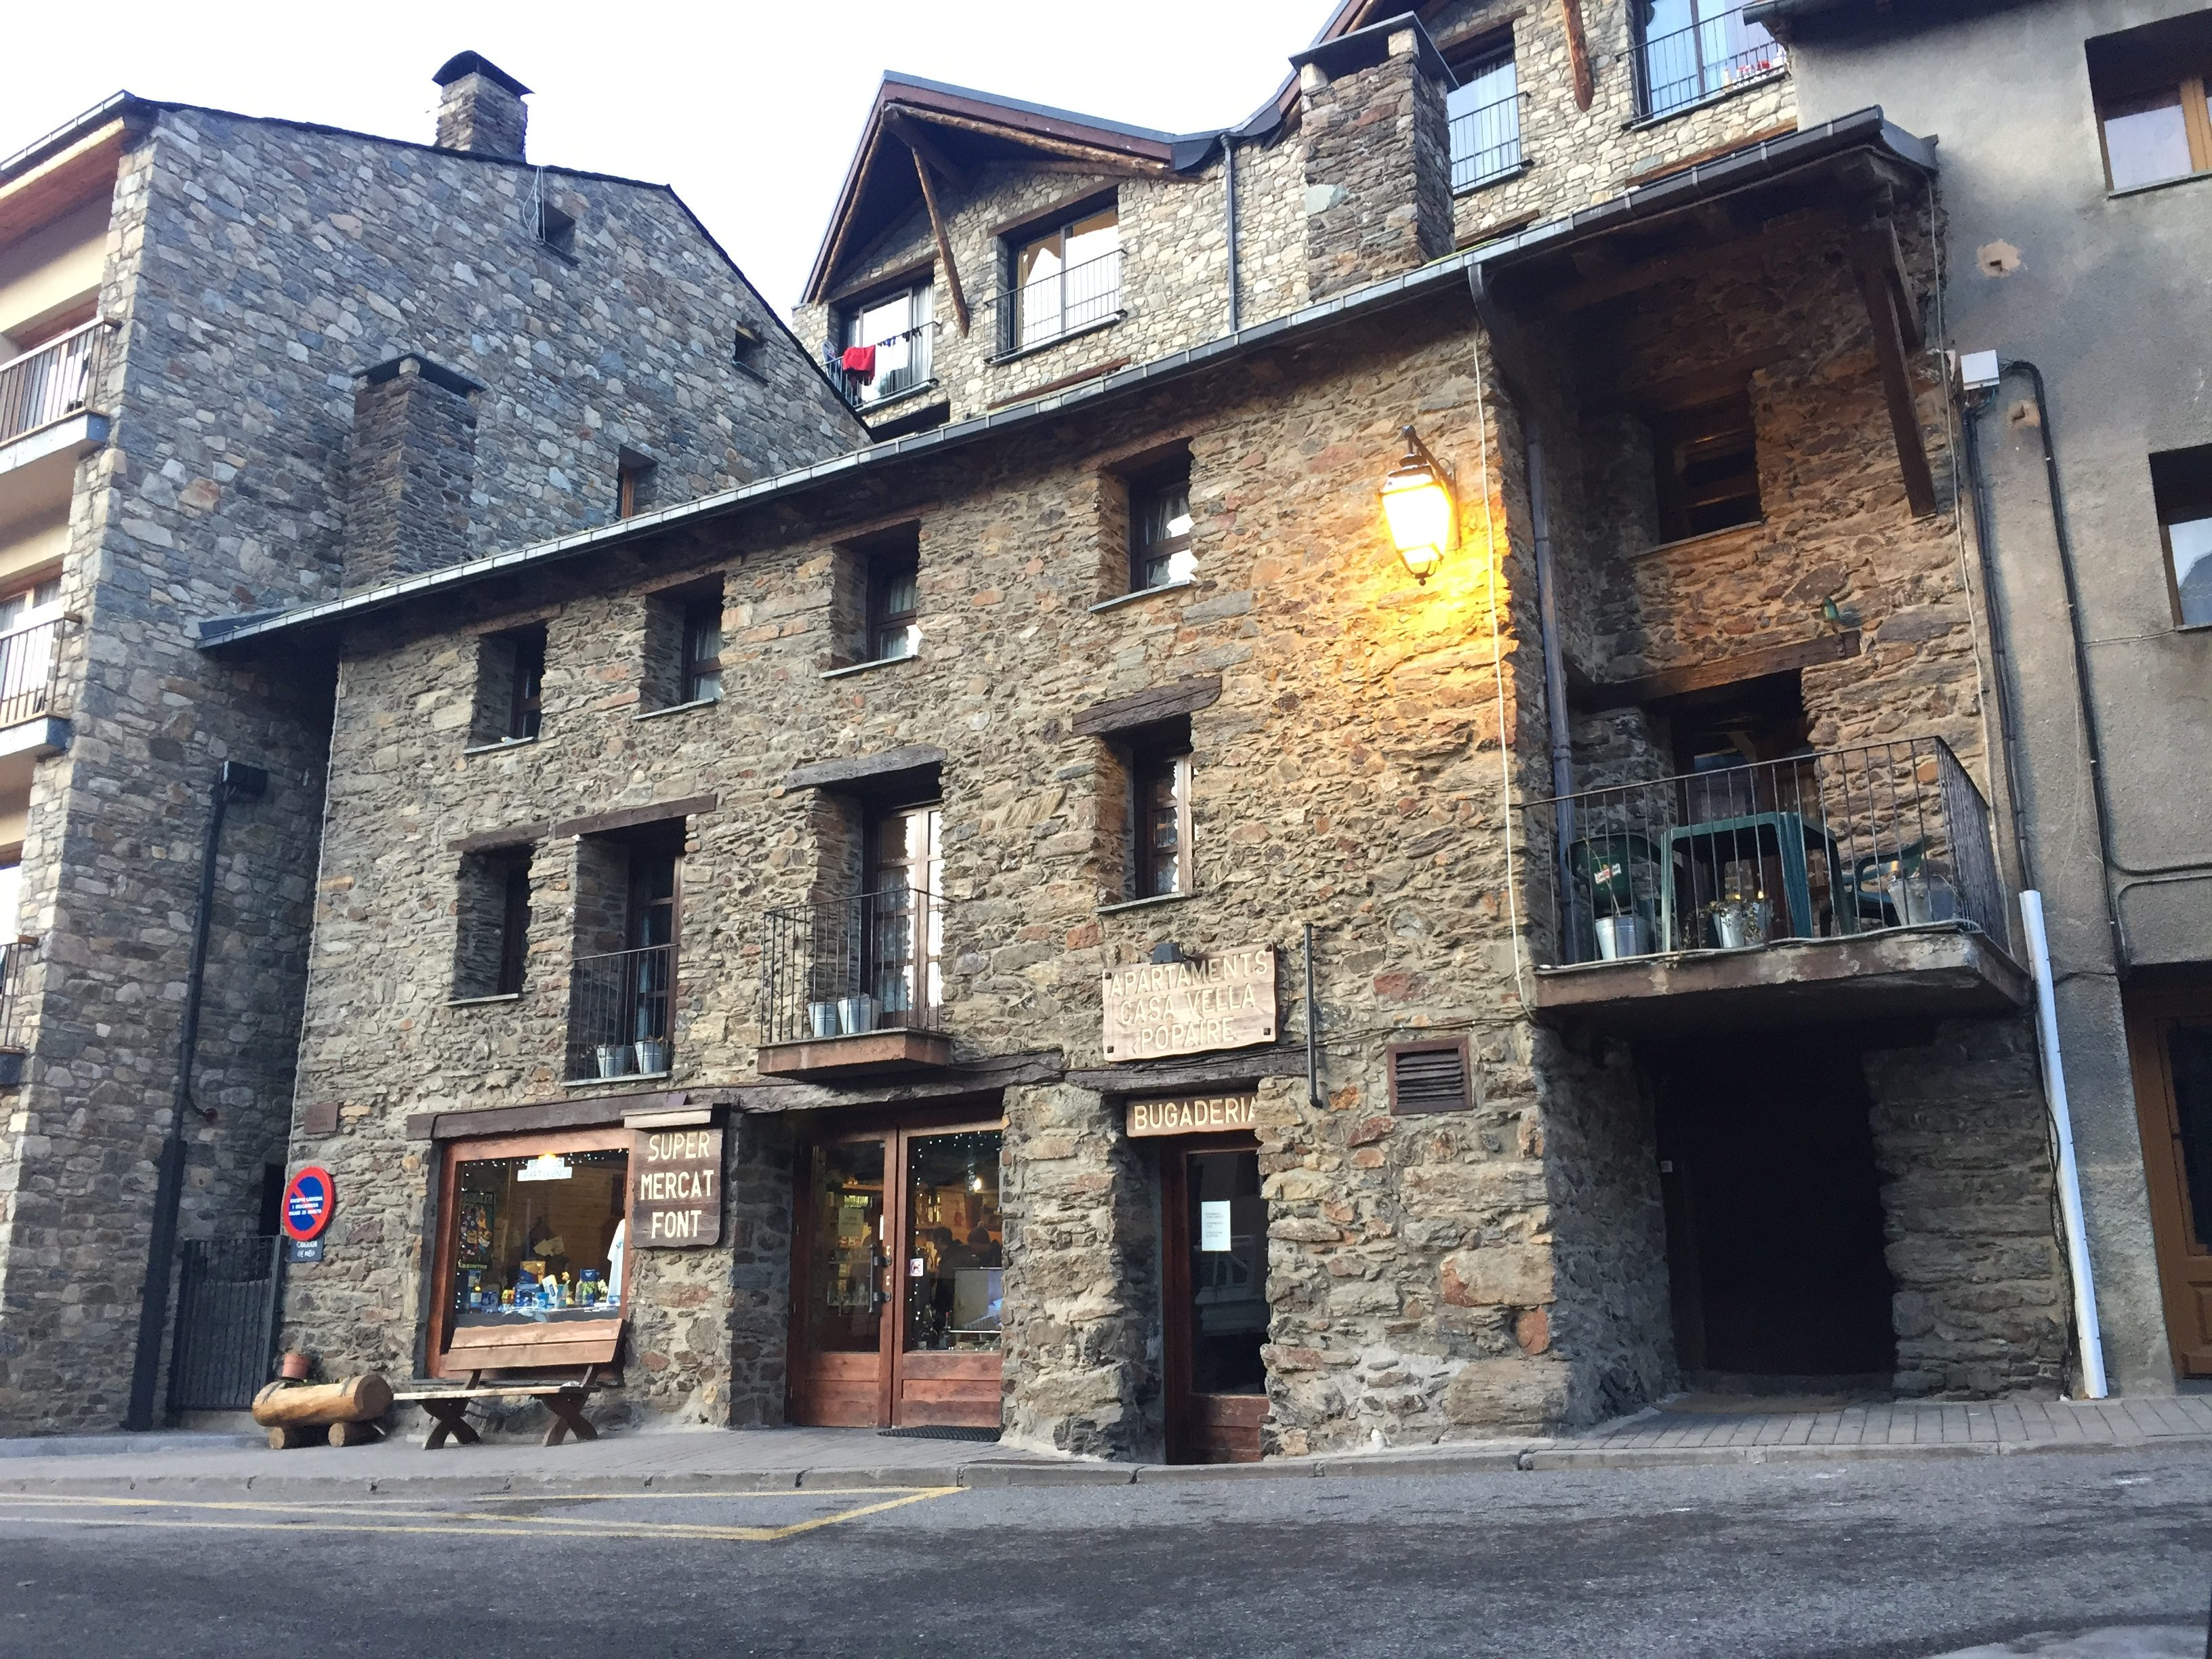 Chalet Font, Supermercat Font, Soldeu, Andorra